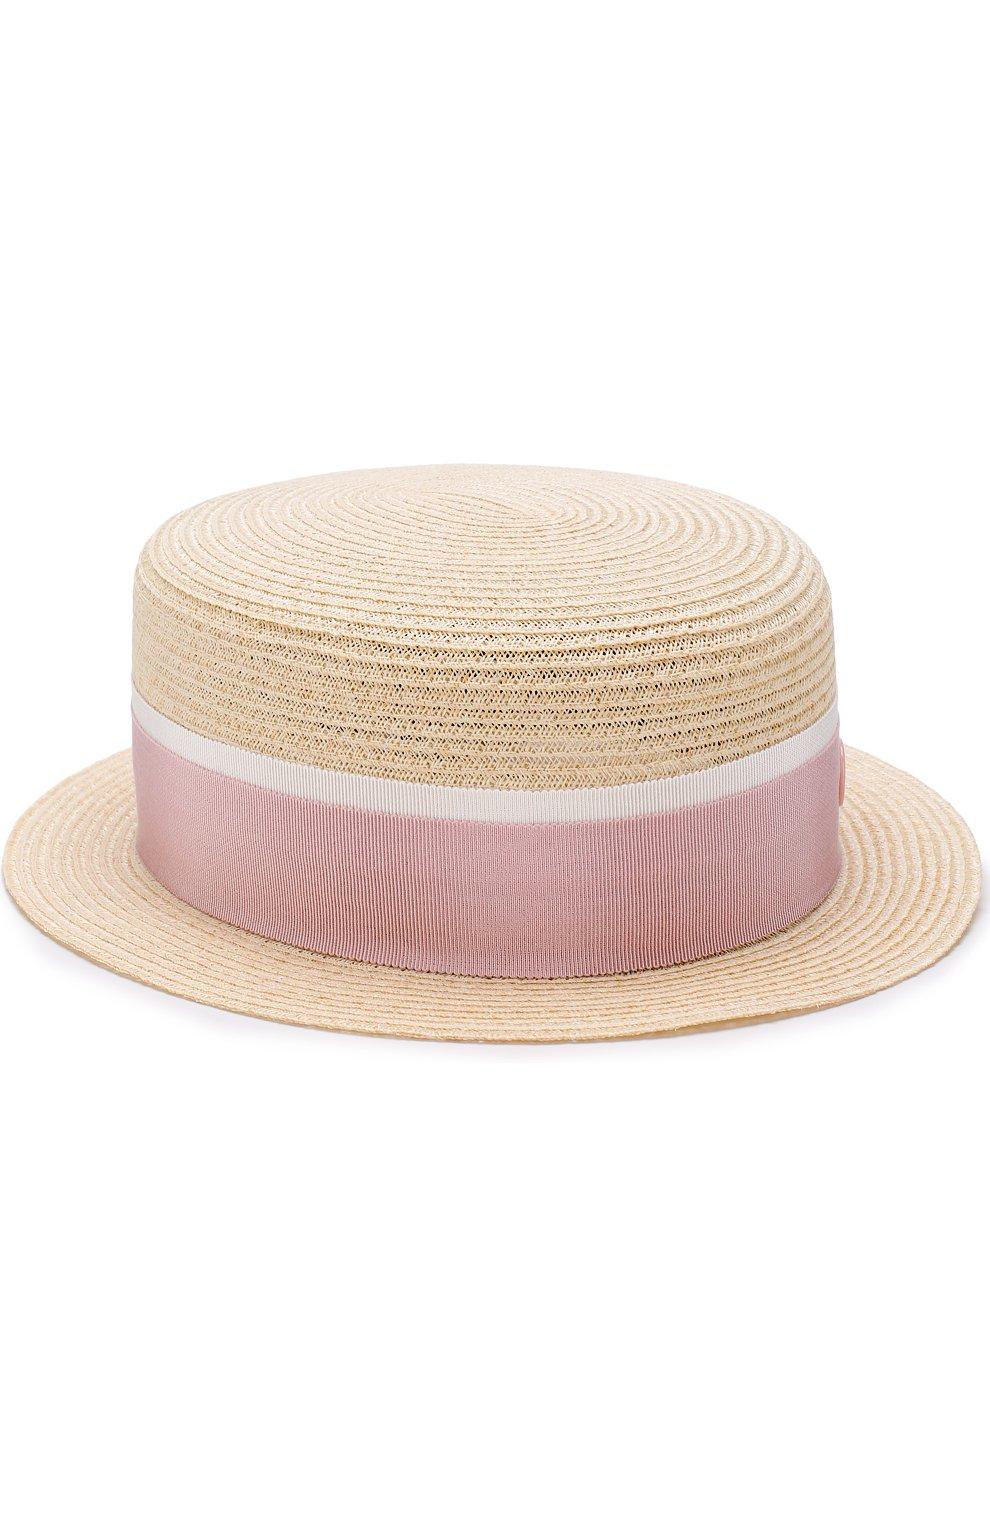 Соломенная шляпа Auguste с лентой | Фото №1